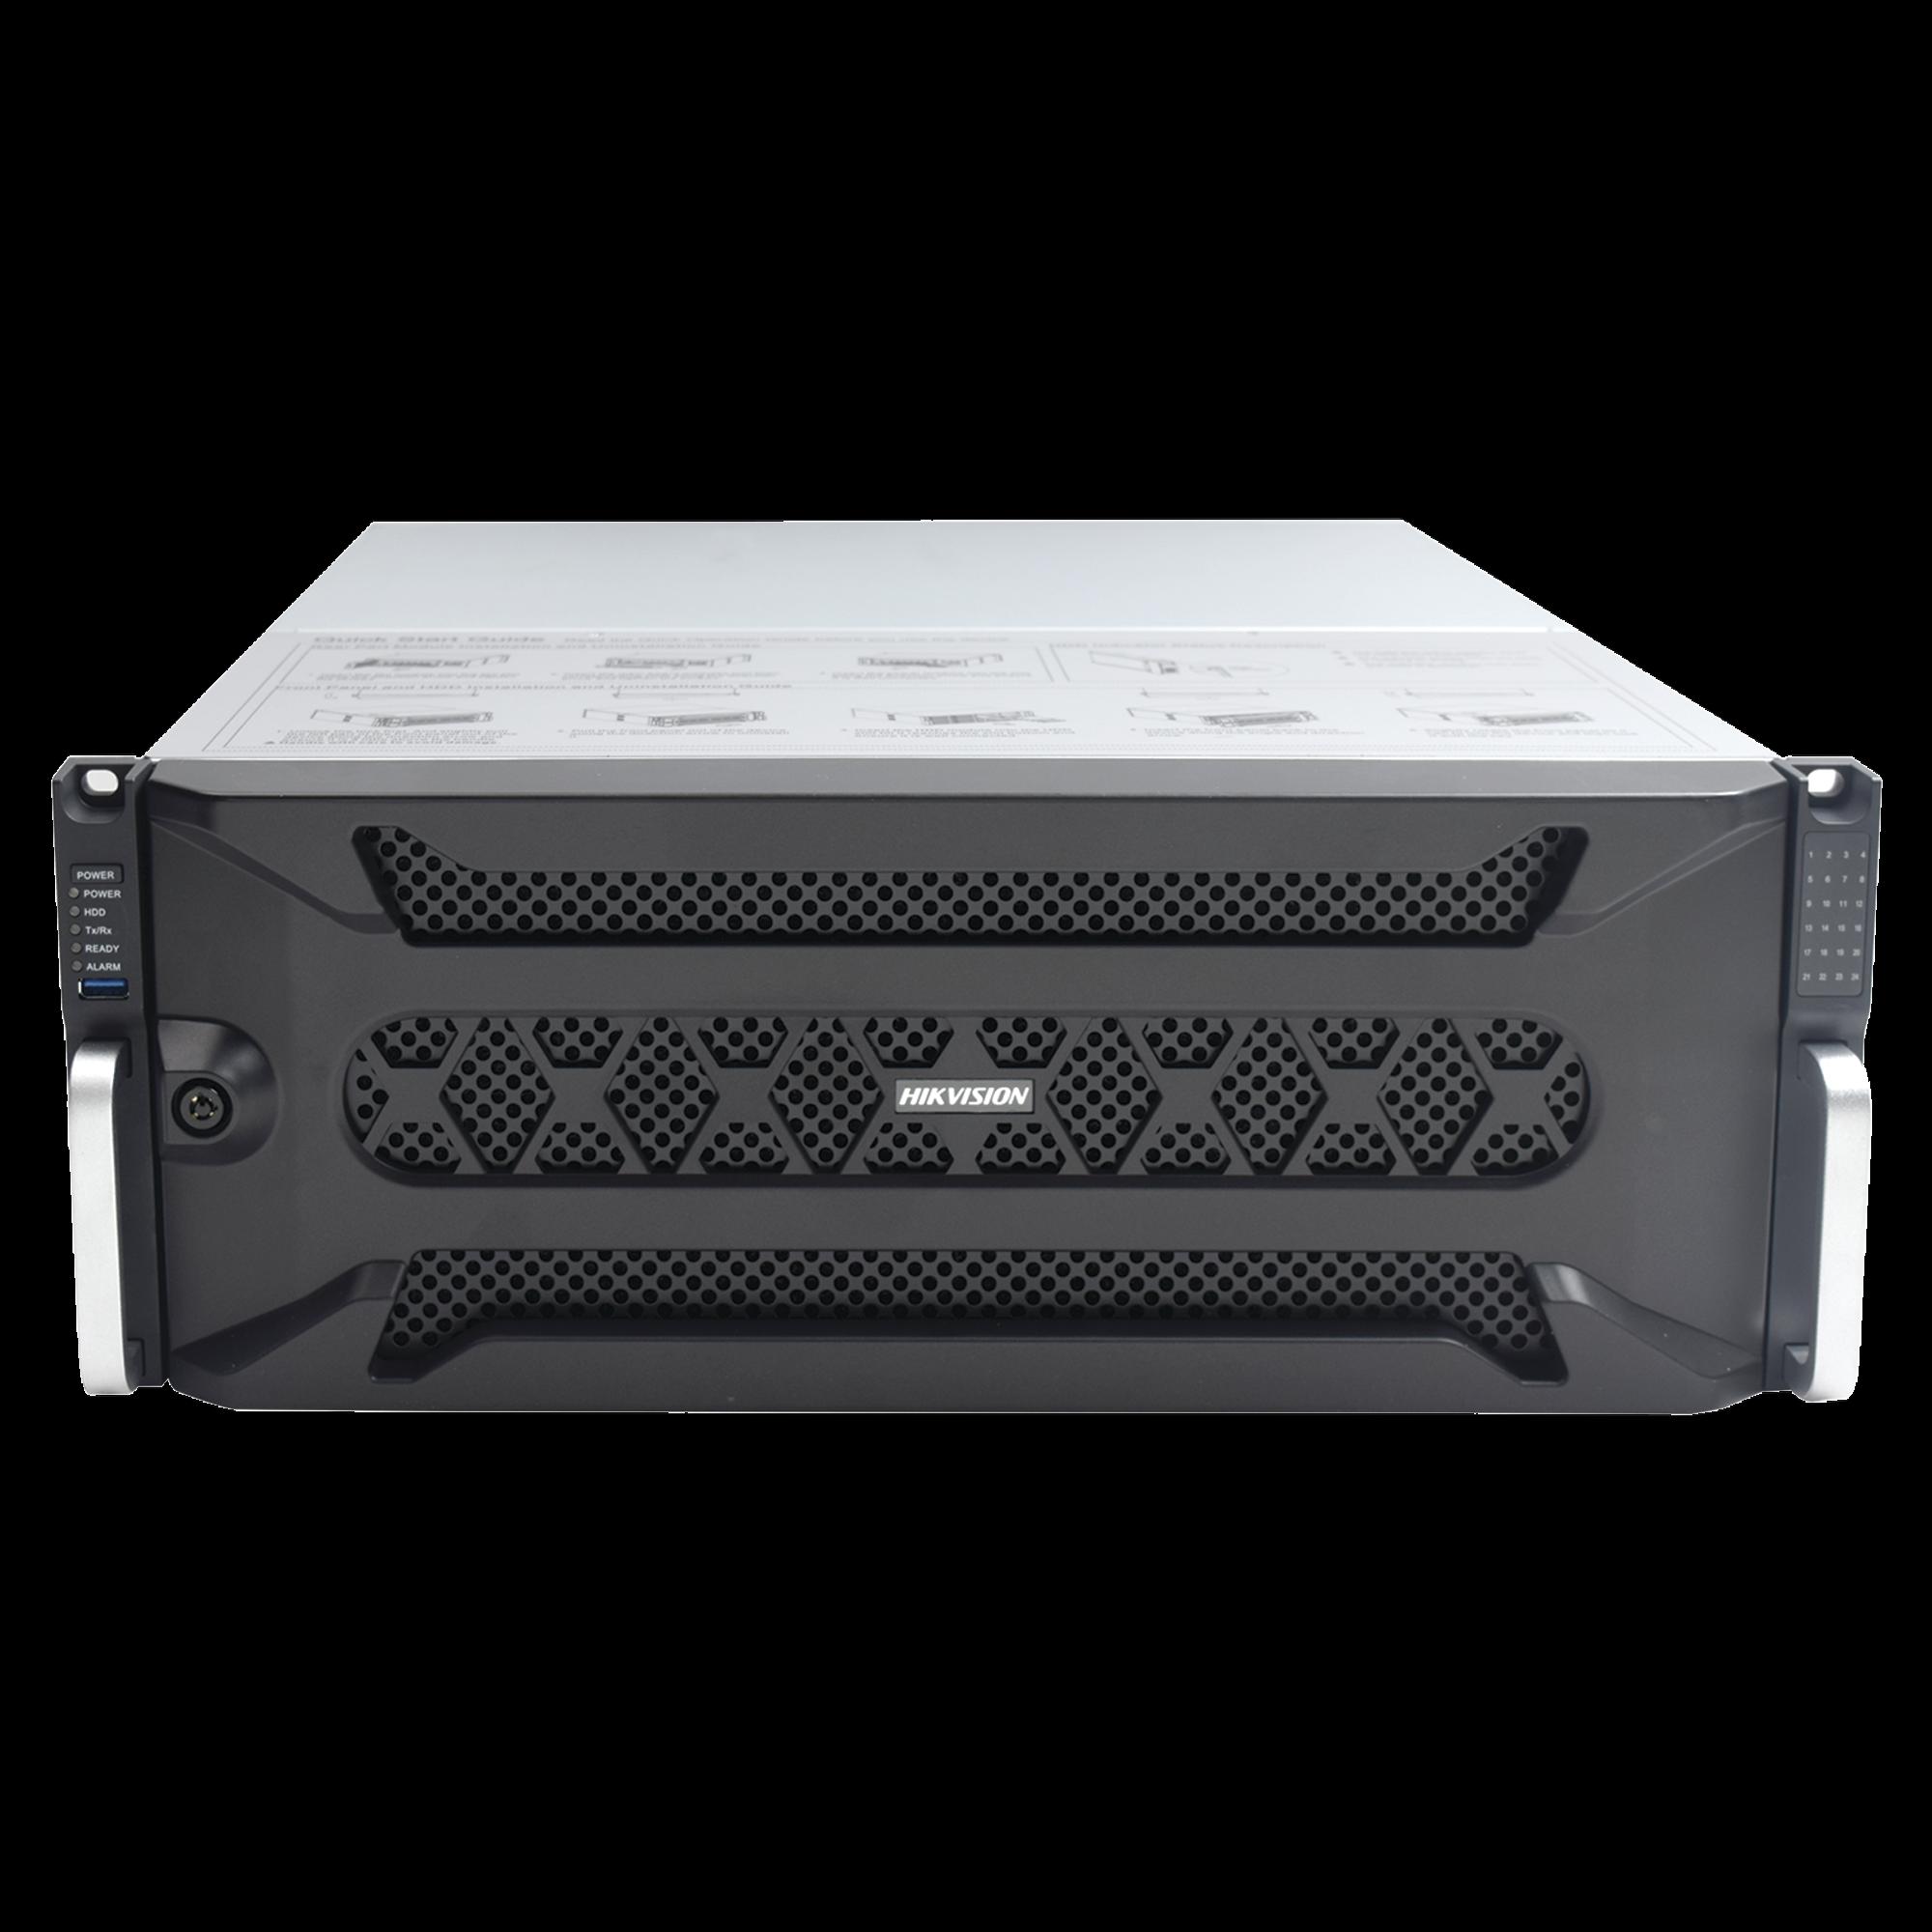 NVR 12 Megapixel (4K) / 256 canales IP / 24 Bahías de Disco Duro / 4 Puertos de Red / Soporta RAID con Hot Swap / NVR